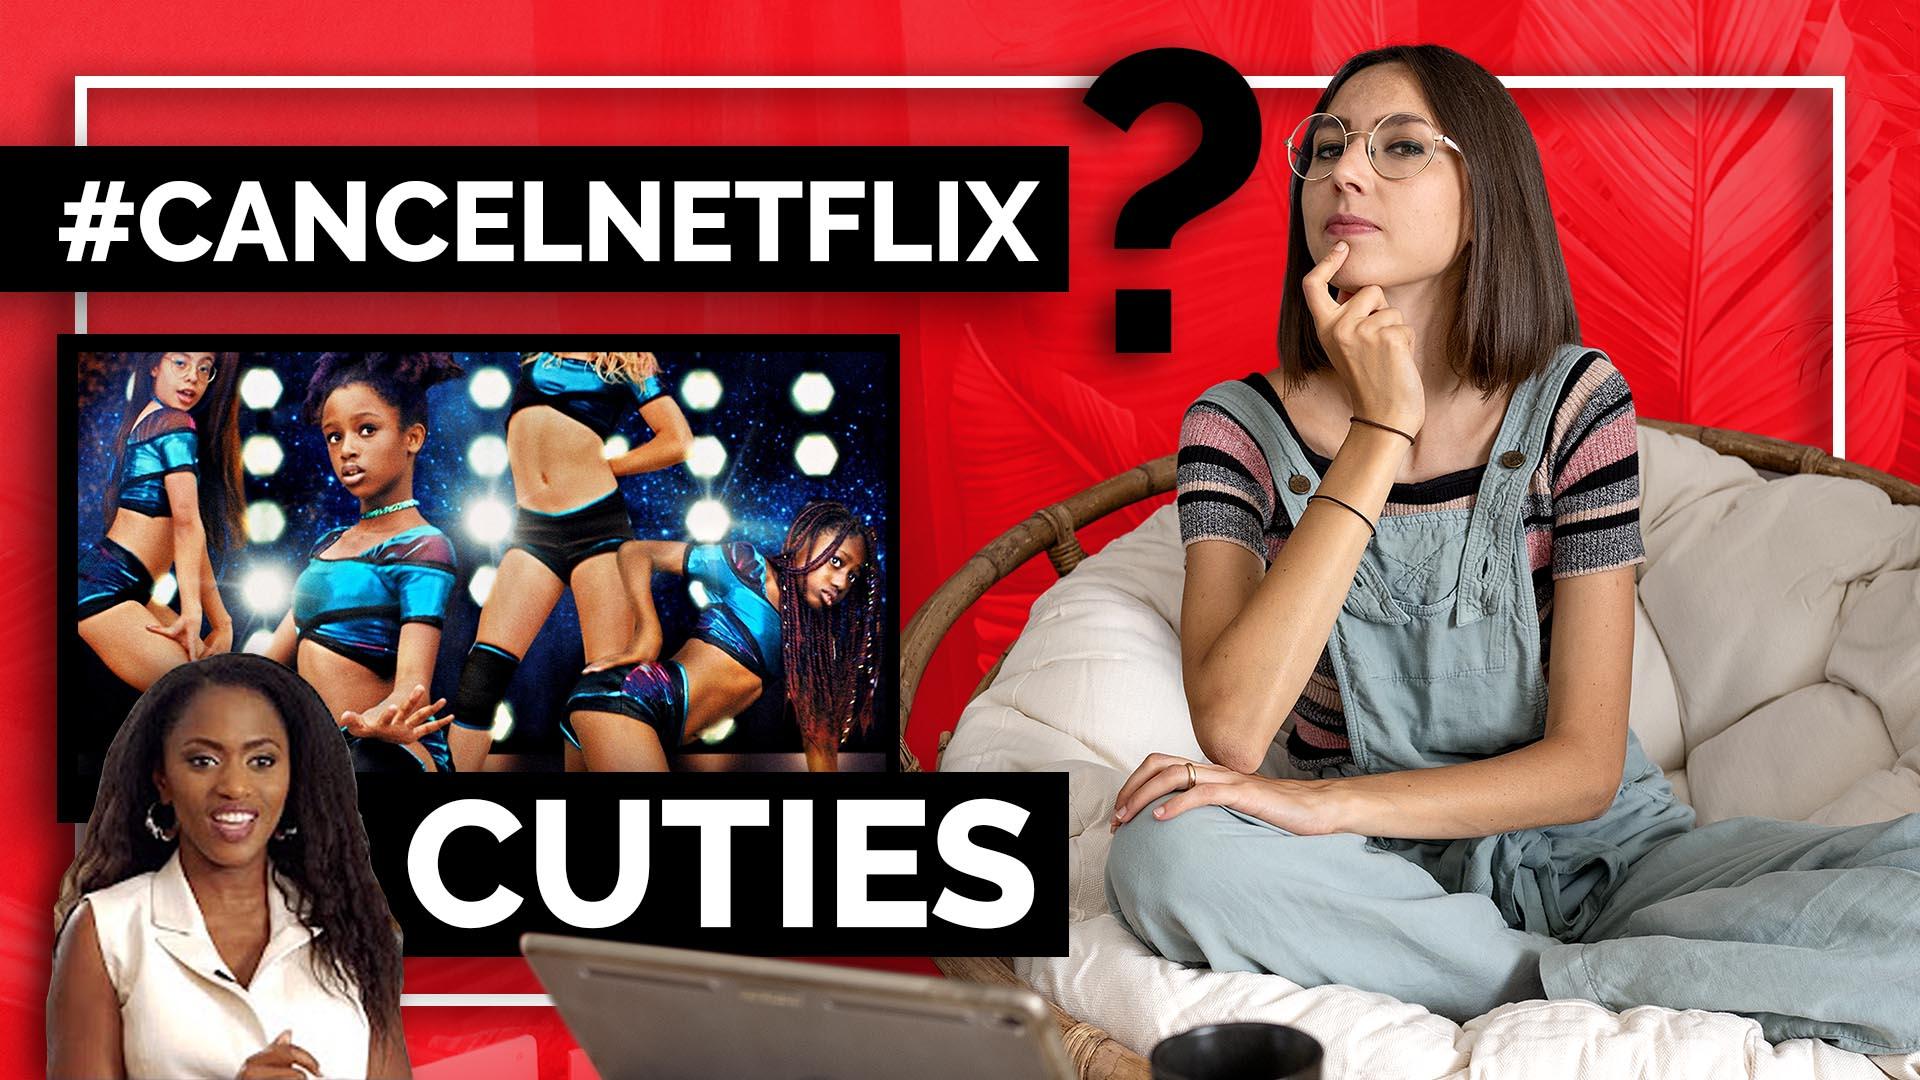 CancelNetflix